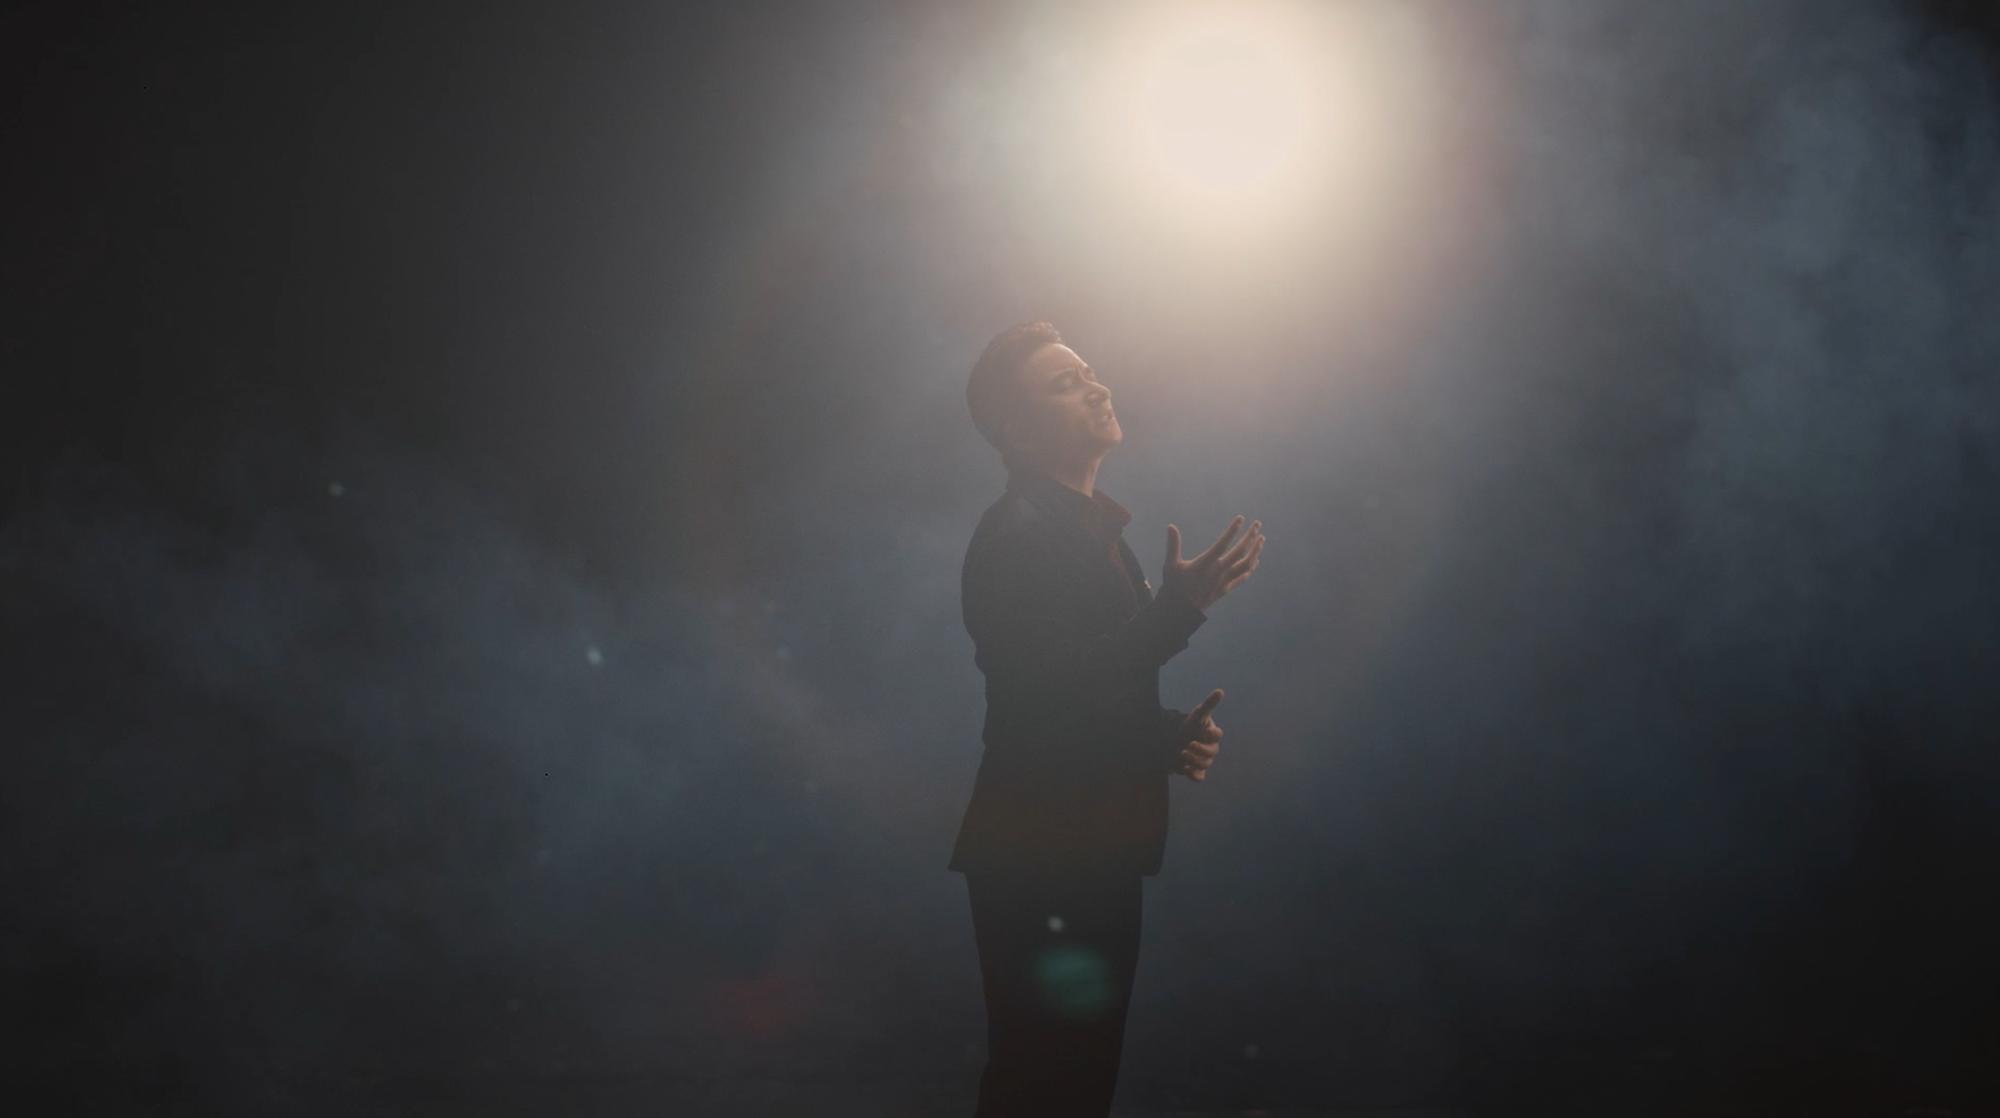 Kết hợp với Karik đưa rap vào ca khúc, Phan Mạnh Quỳnh khiến người hâm mộ đứng ngồi không yên - Ảnh 4.